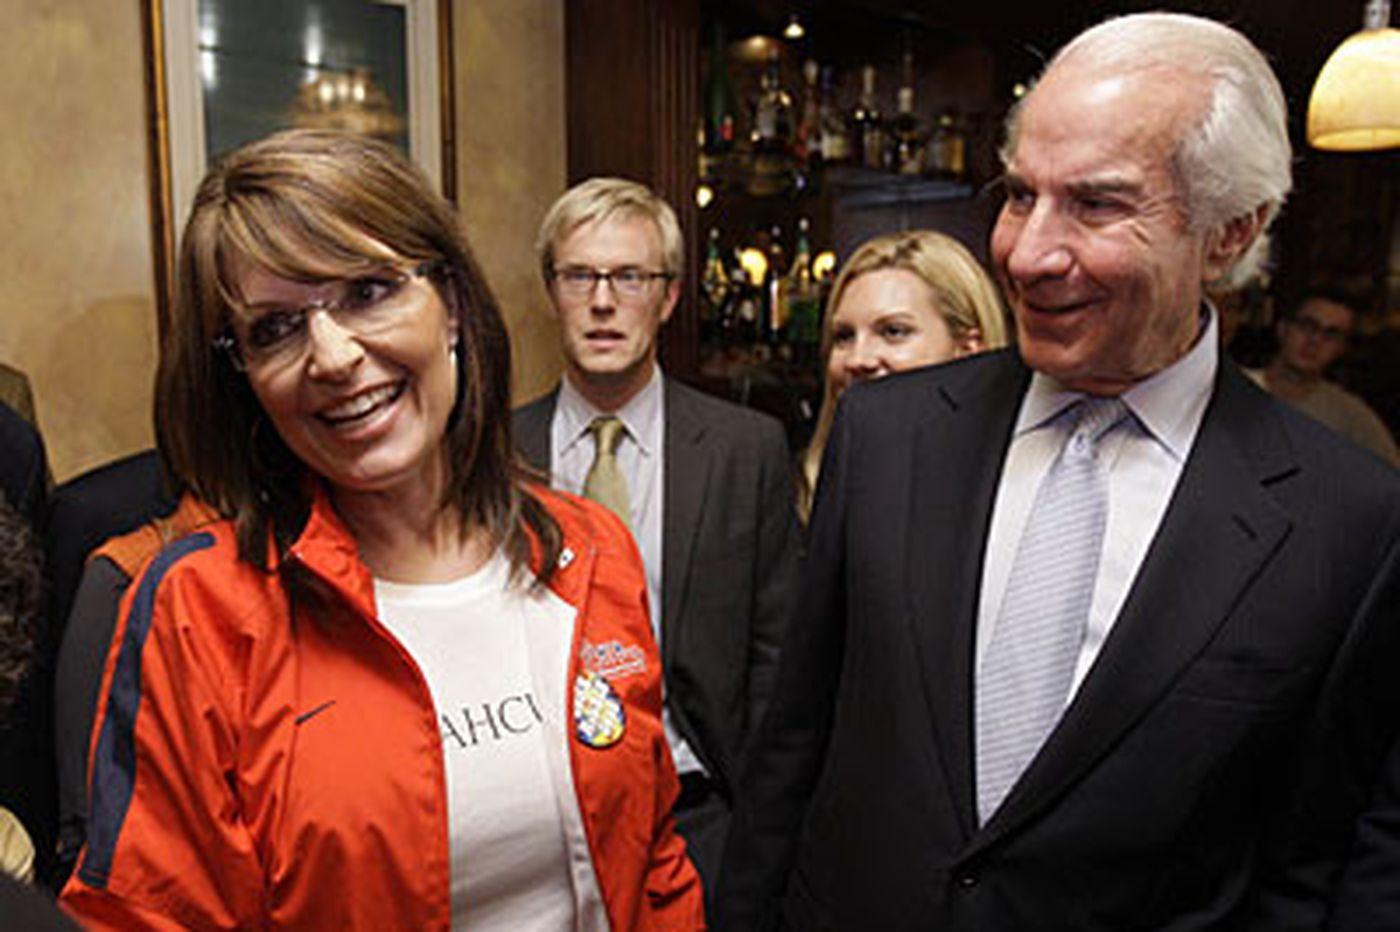 Palin grabs a seat at the bar